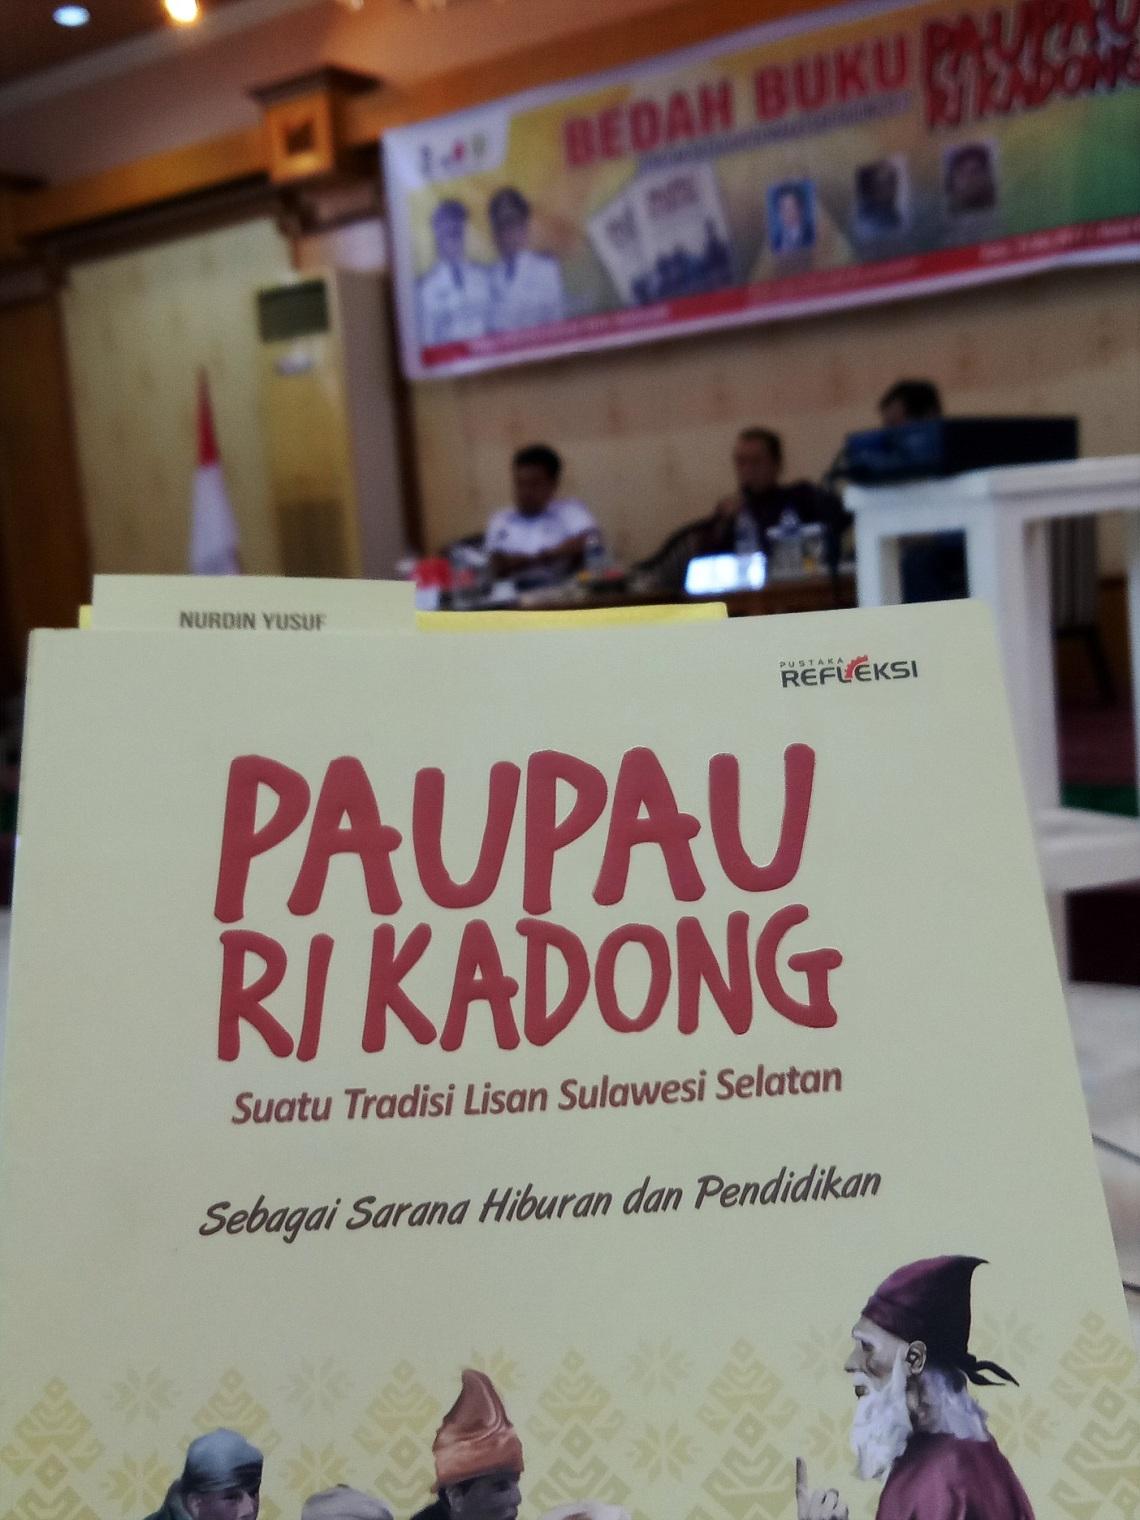 Acara bedah buku Paupau ri Kadong